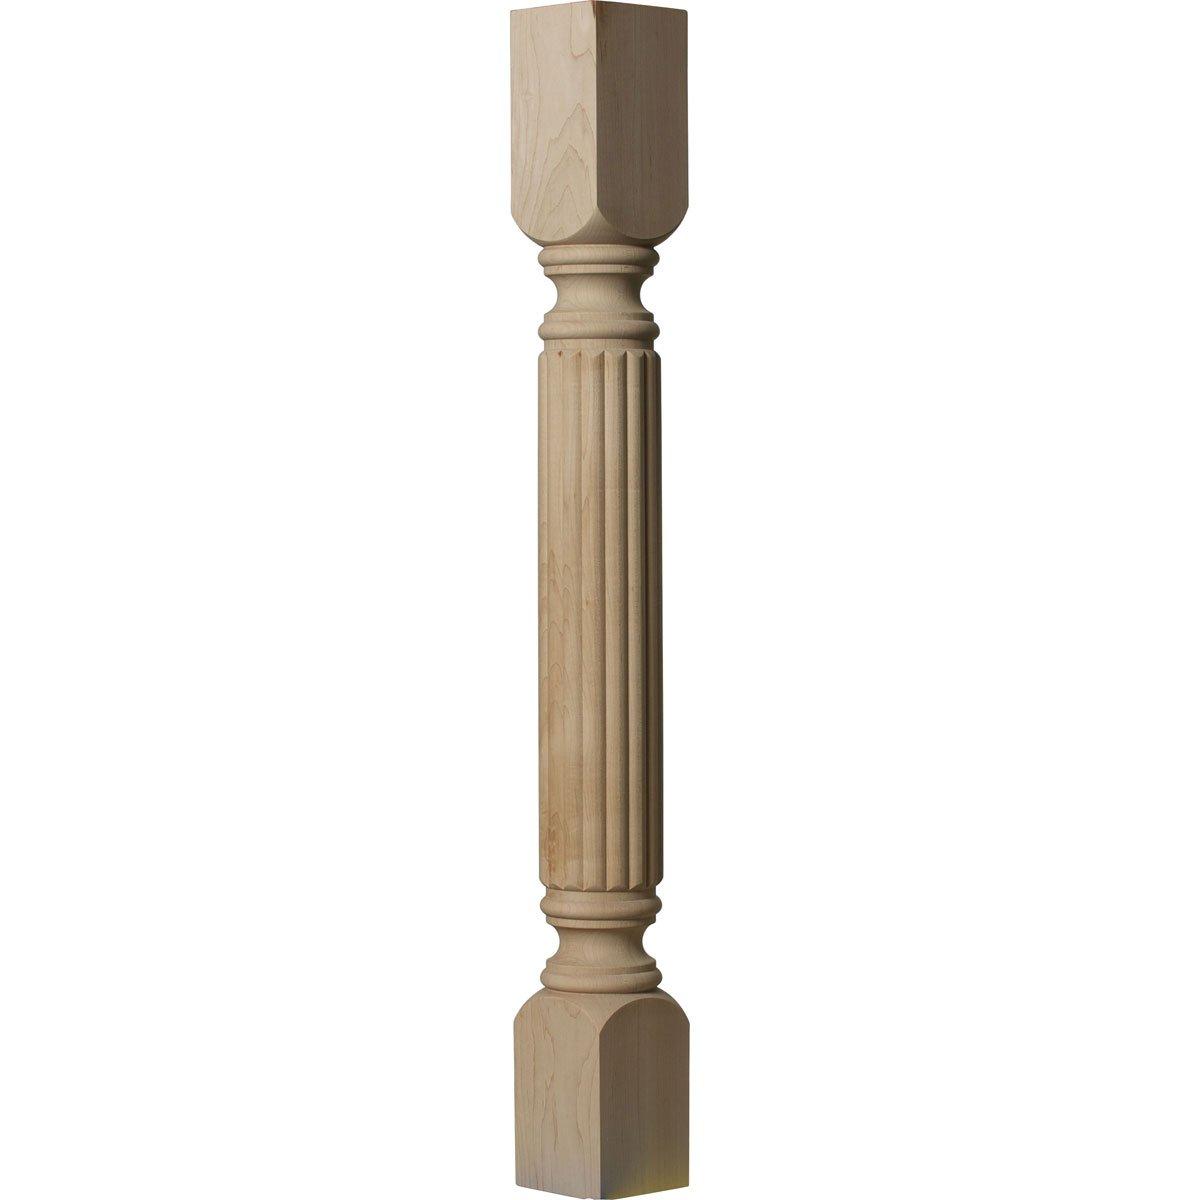 Alder Ekena Millwork COL03X03X35RAAL 3 3//4-Inch W x 3 3//4-Inch D x 35 1//2-Inch H Raymond Reeded Cabinet Column